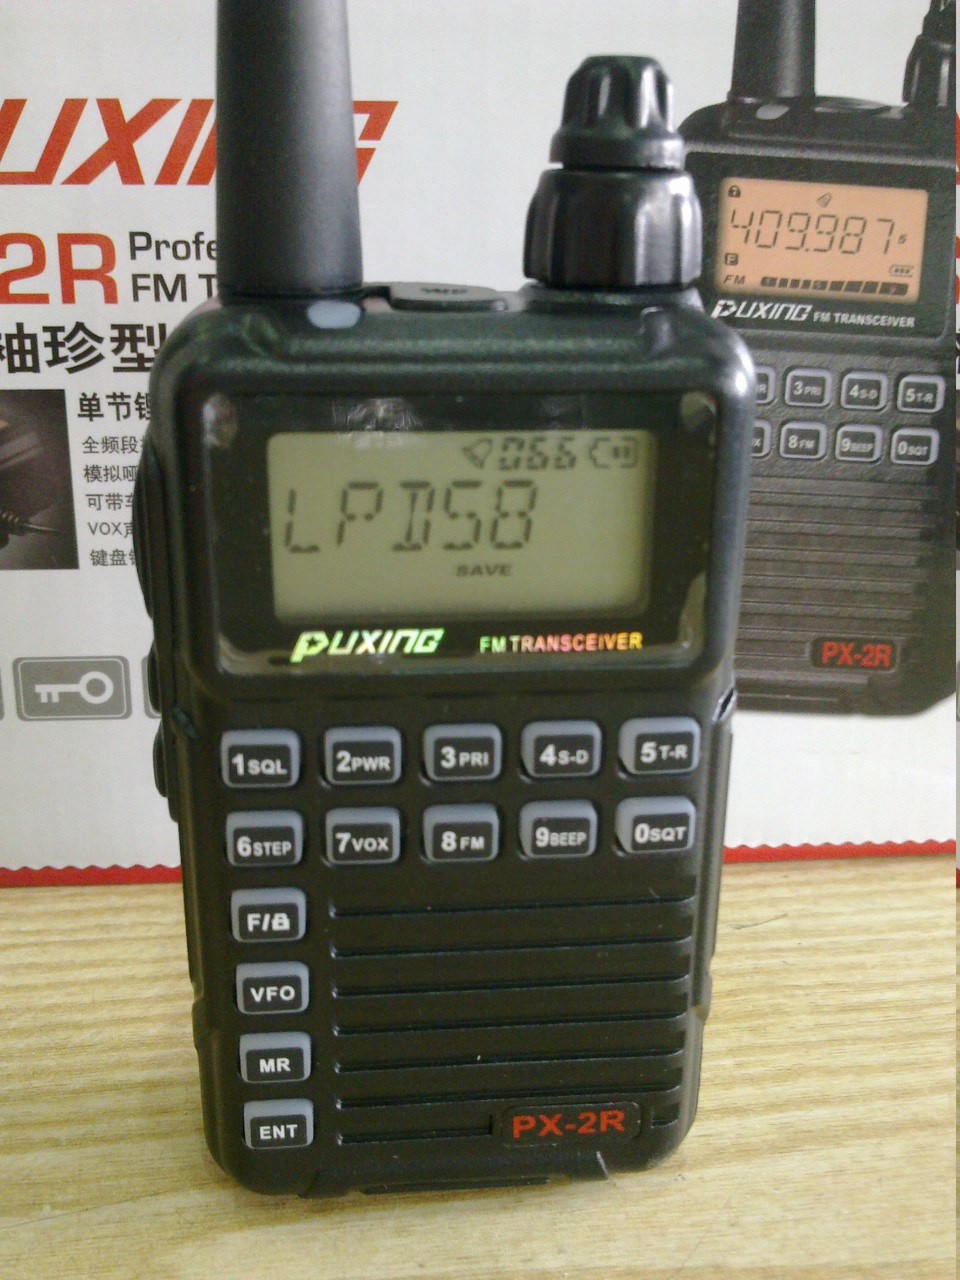 Радиостанция px 2r puxing инструкция